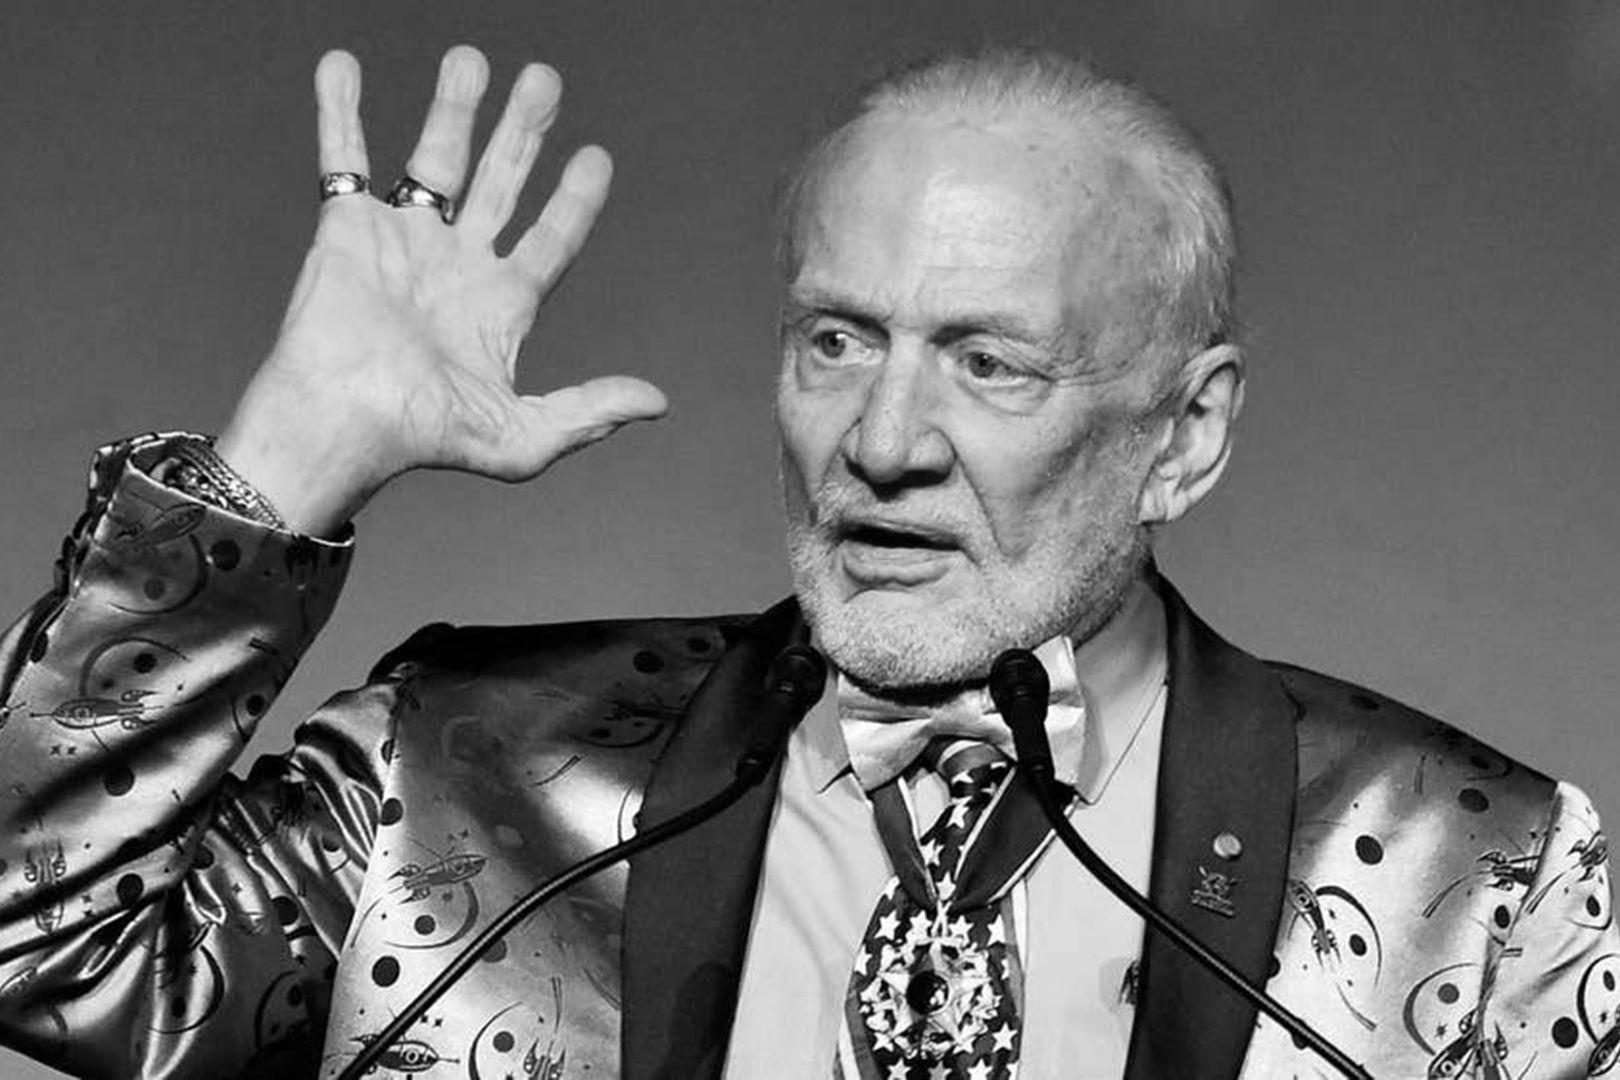 LIGANOVA | Daimler | Brand Experience – me Convention | Buzz Aldrin